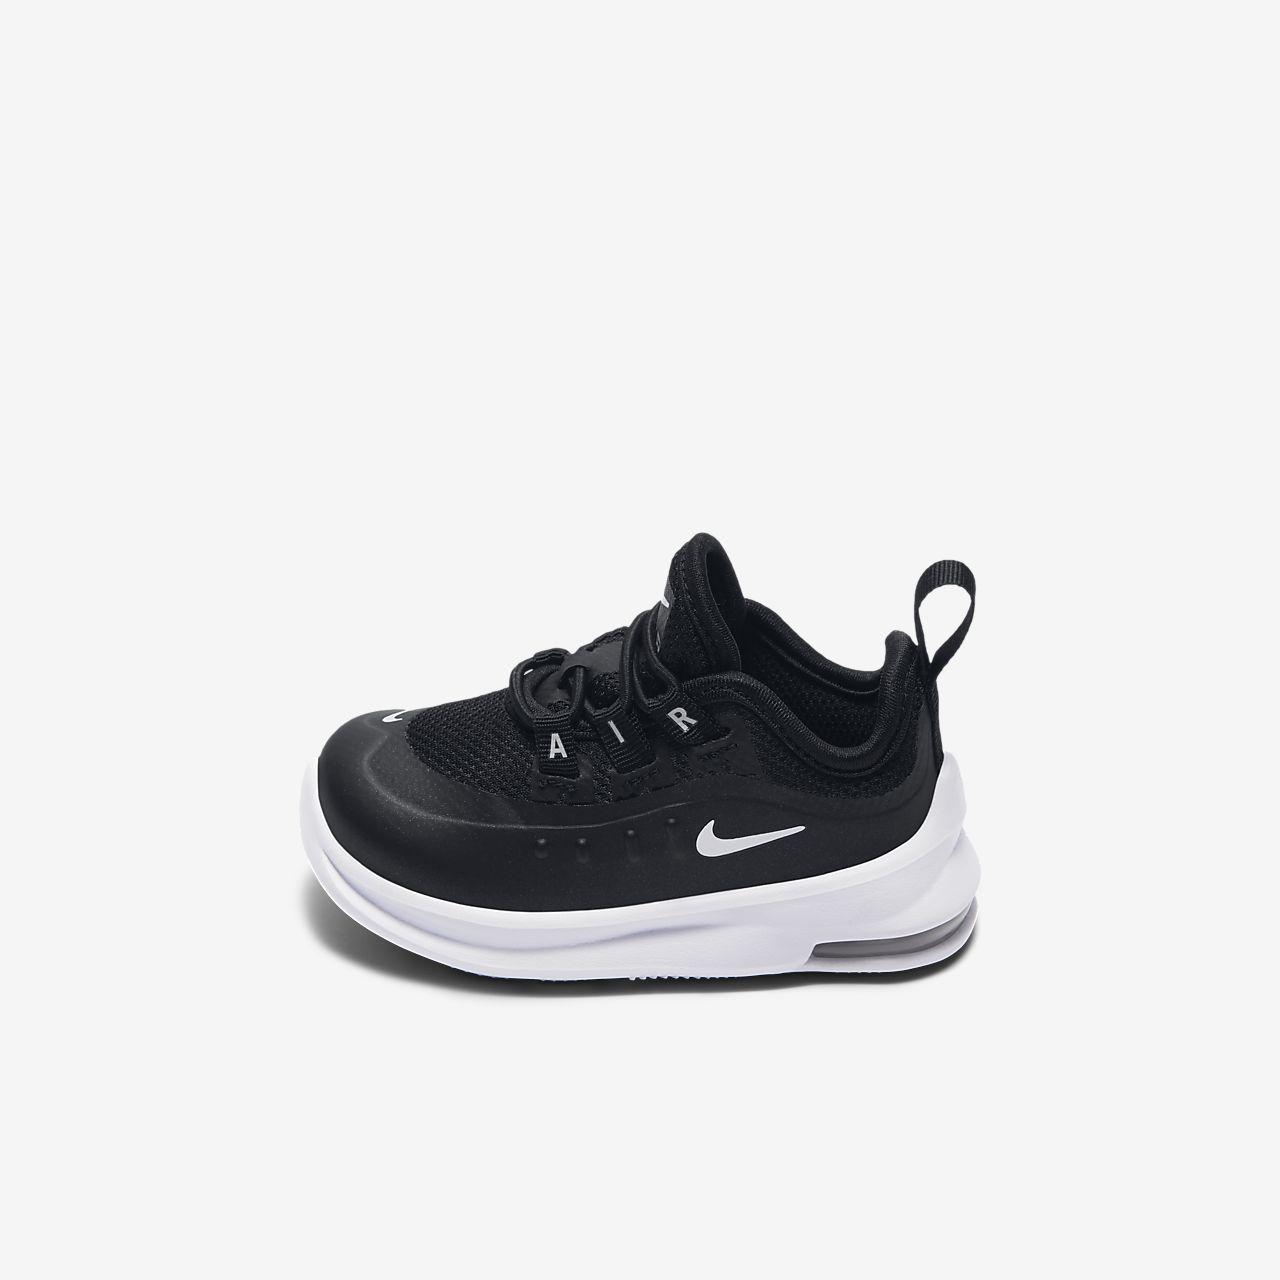 064379c3afe Calzado para bebé e infantil Nike Air Max Axis. Nike.com MX